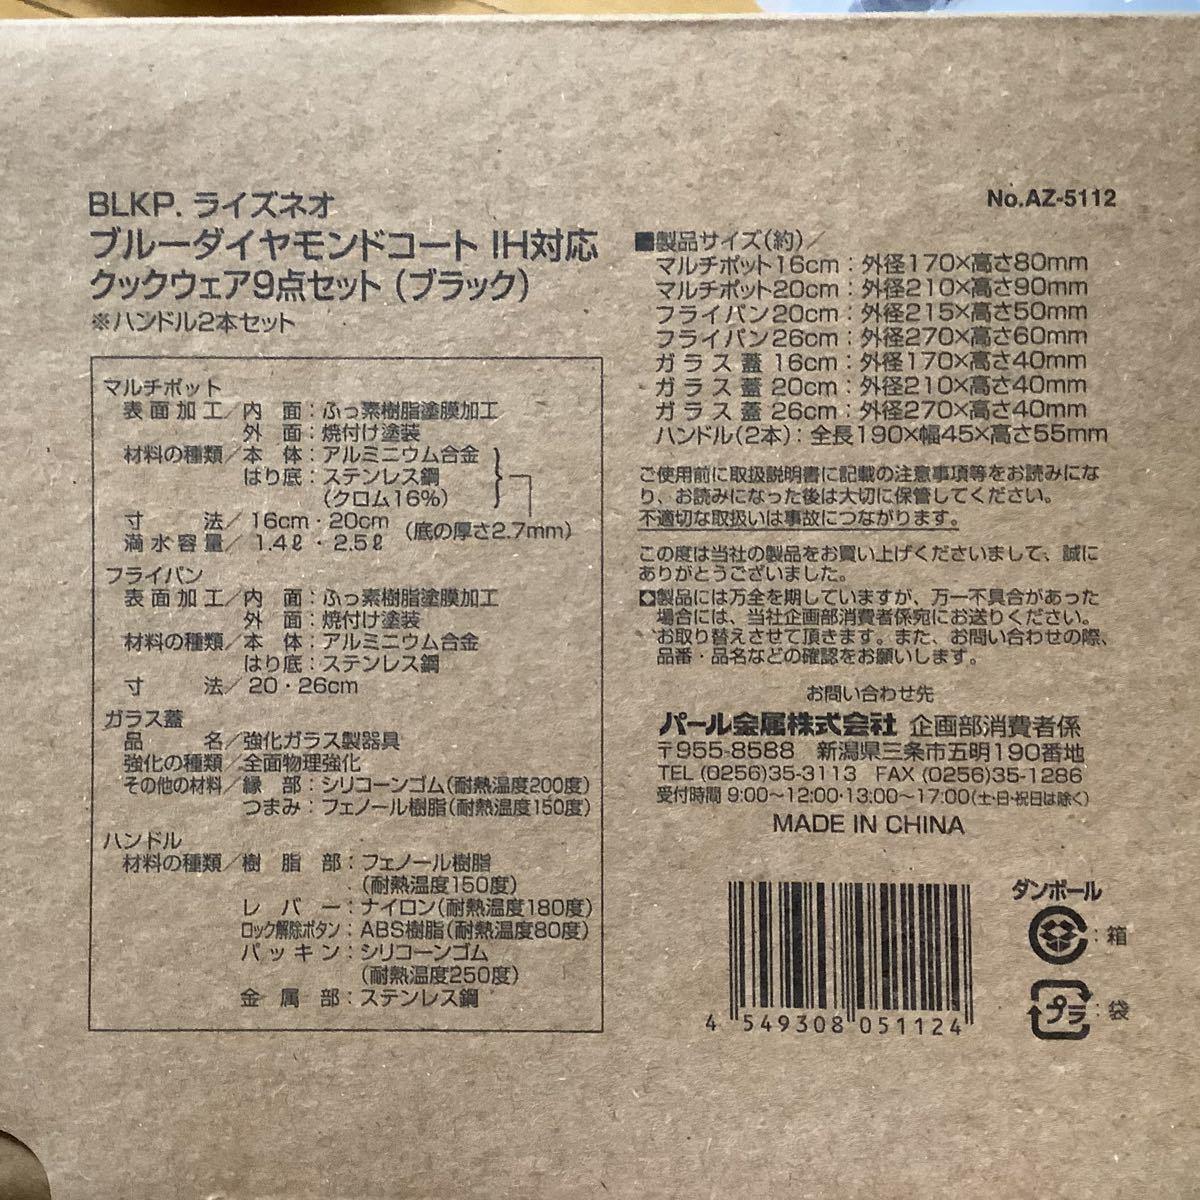 【新品未使用】パール金属 フライパン9点セット ダイヤモンドコート